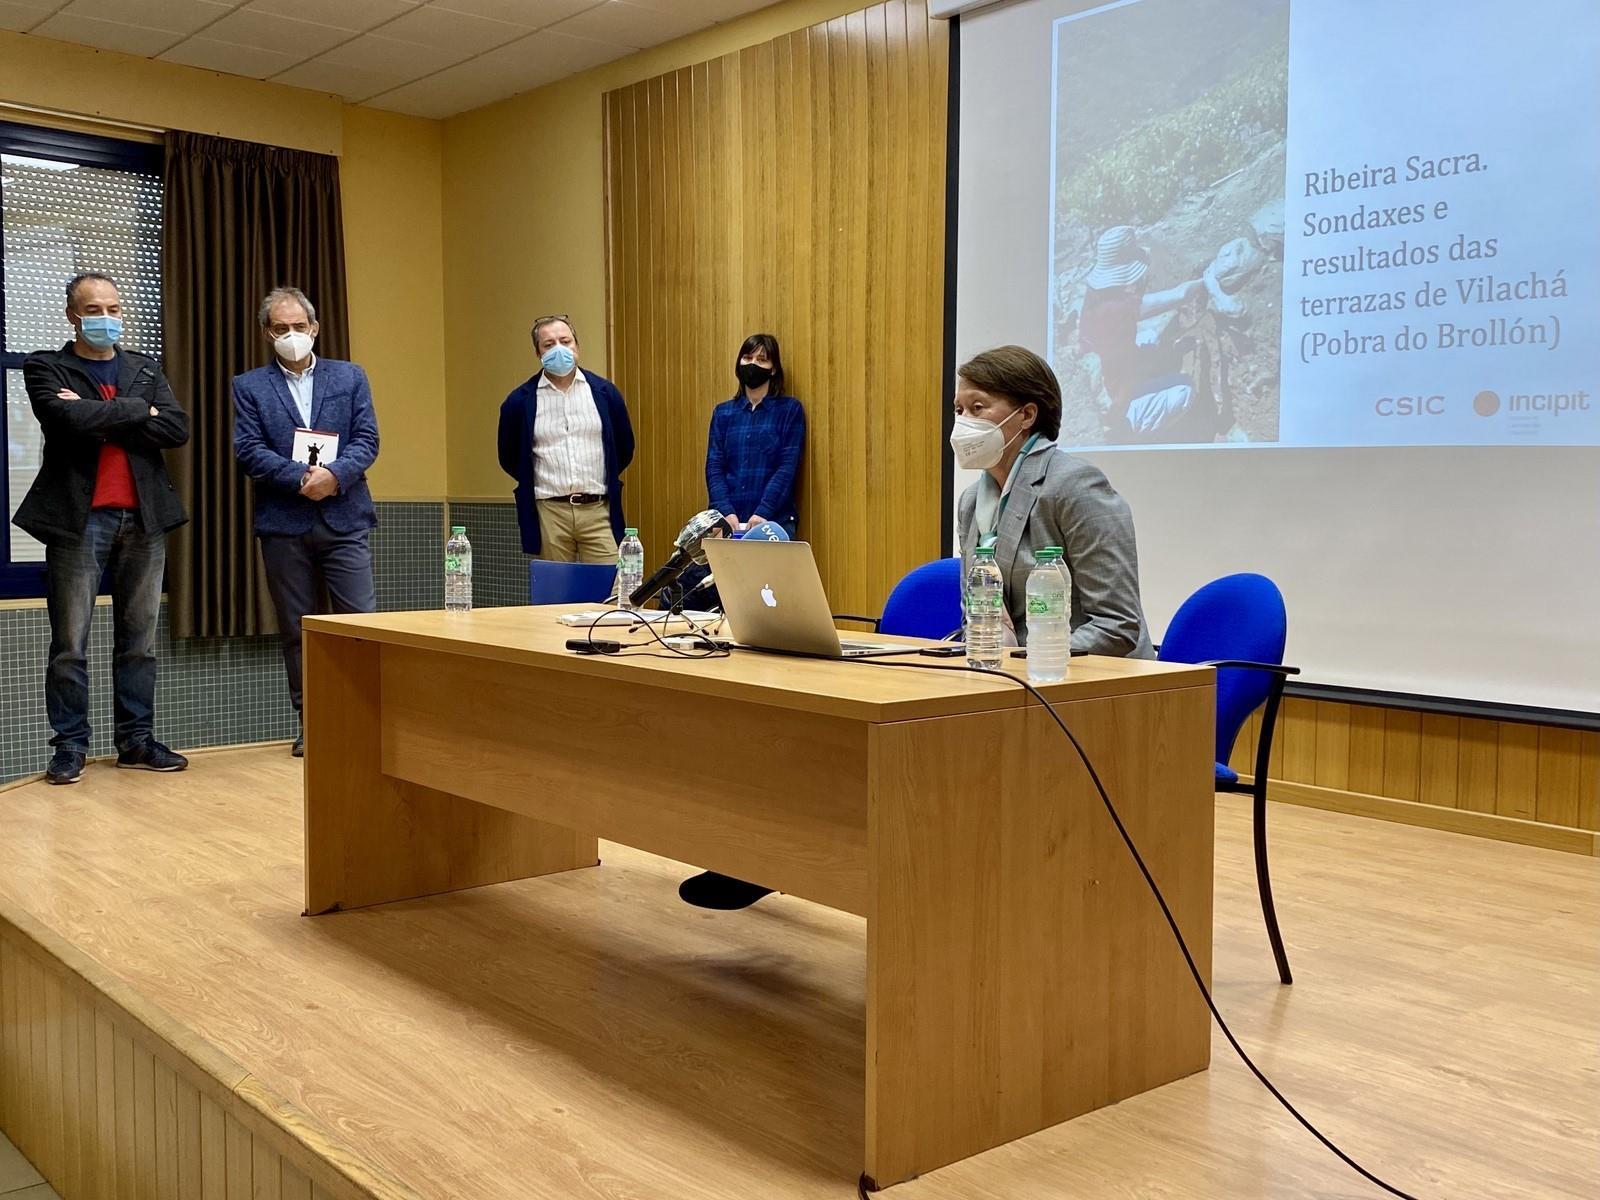 Imaxe de: Un estudo da Xunta e o CSIC sitúa a orixe das terrazas da Ribeira Sacra no século X e reforza a súa singularidade mundial